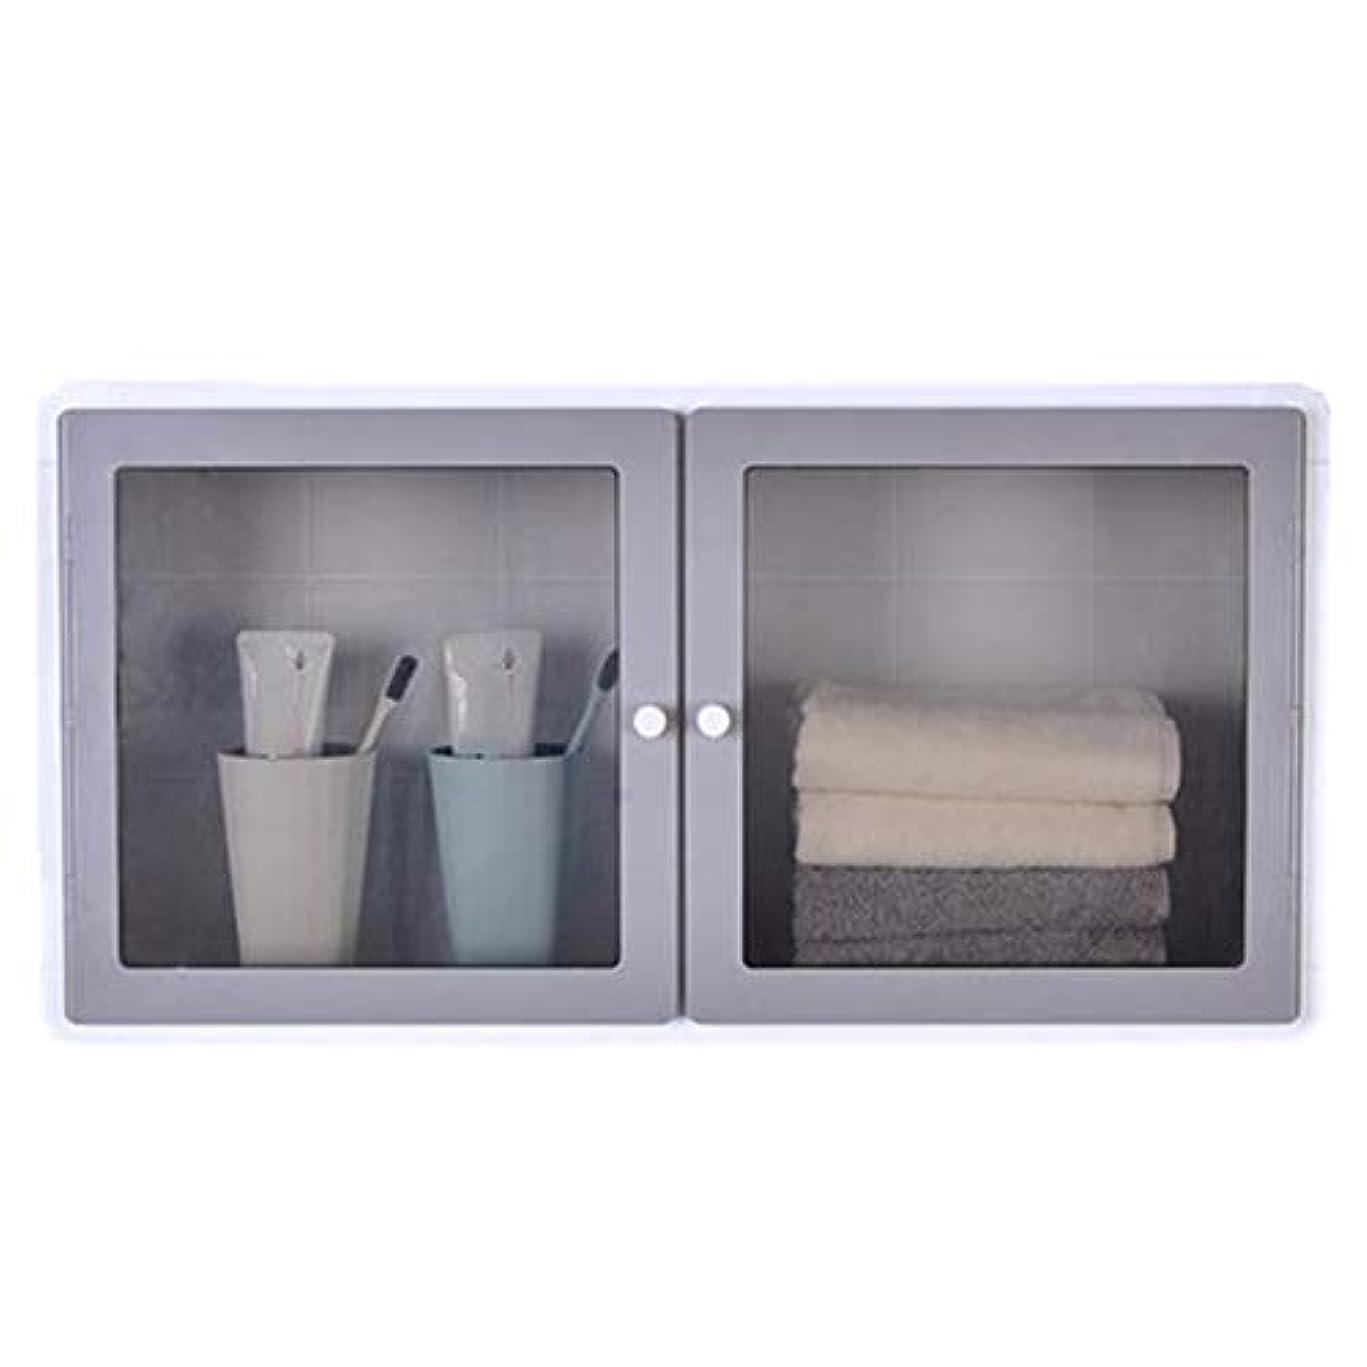 擬人恐ろしいですけん引バスルームキャビネットダブルミラードア壁に取り付けられたストレージ組織、ウォールキャビネット、バスルームやトイレに適しています。タオル、化粧品、トイレタリーを便利に保管し、